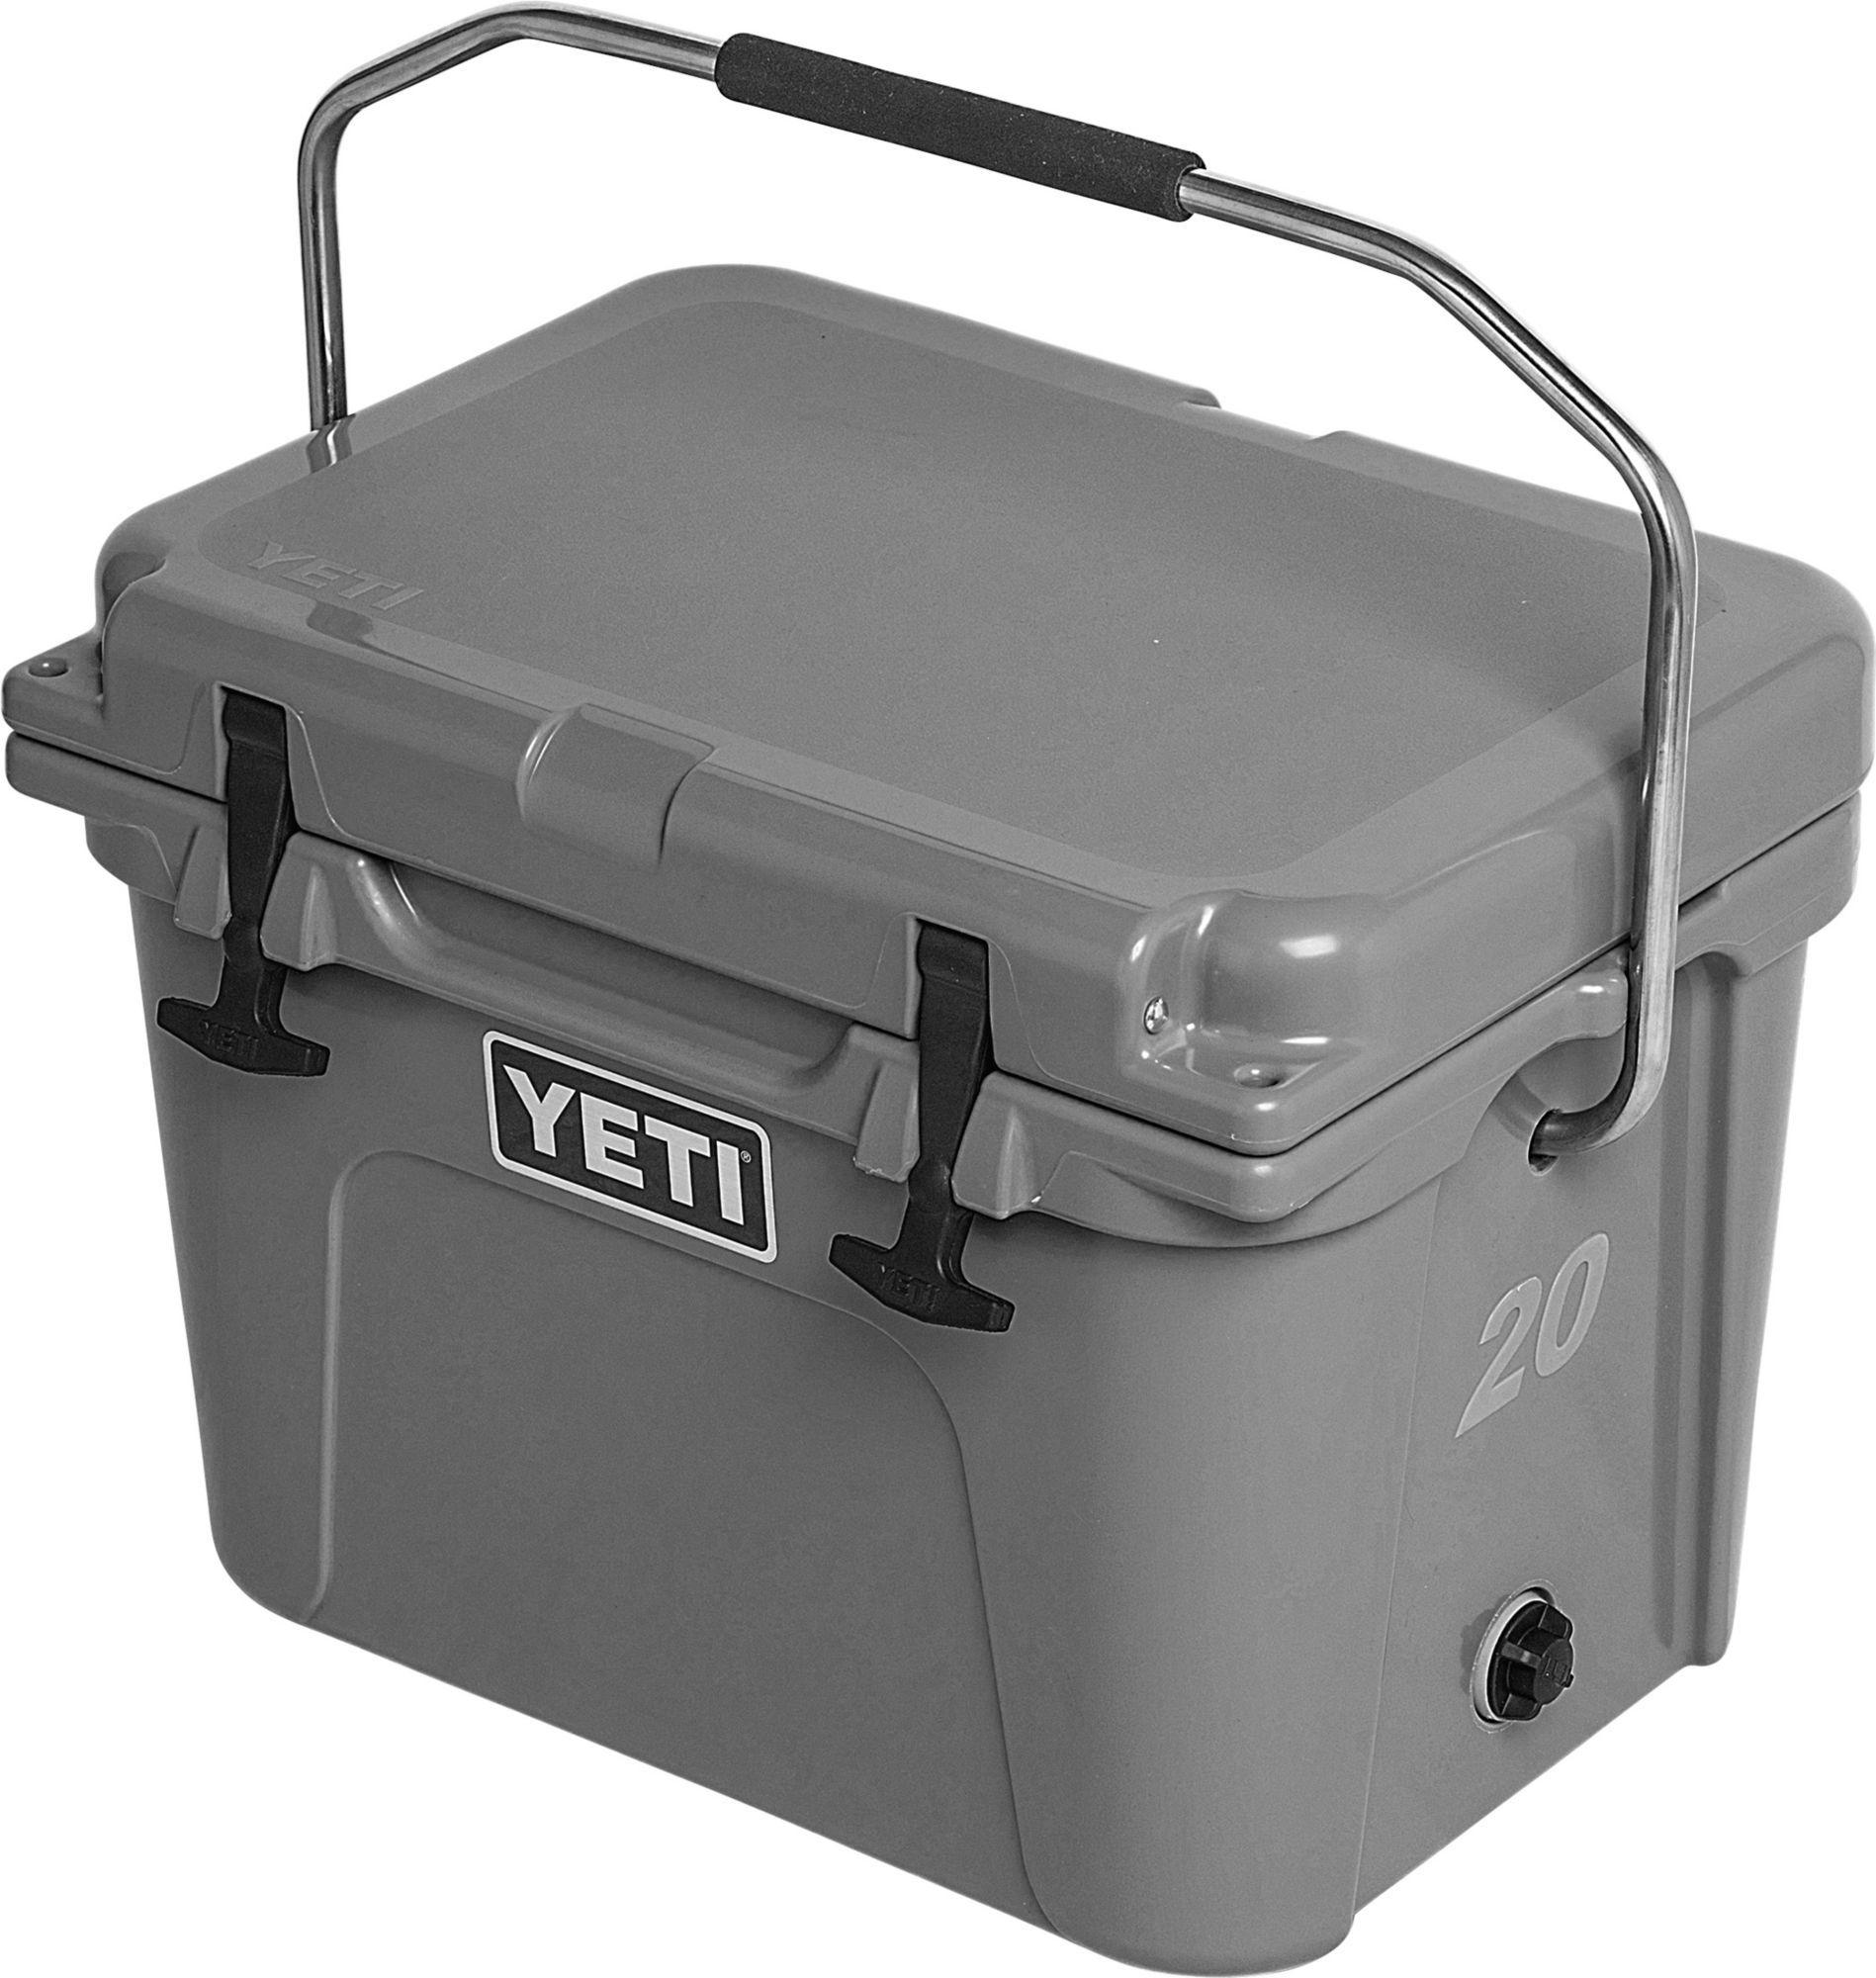 Yeti Roadie 20 Cooler Grey Yeti Roadie Yeti Cooler Yeti Coolers